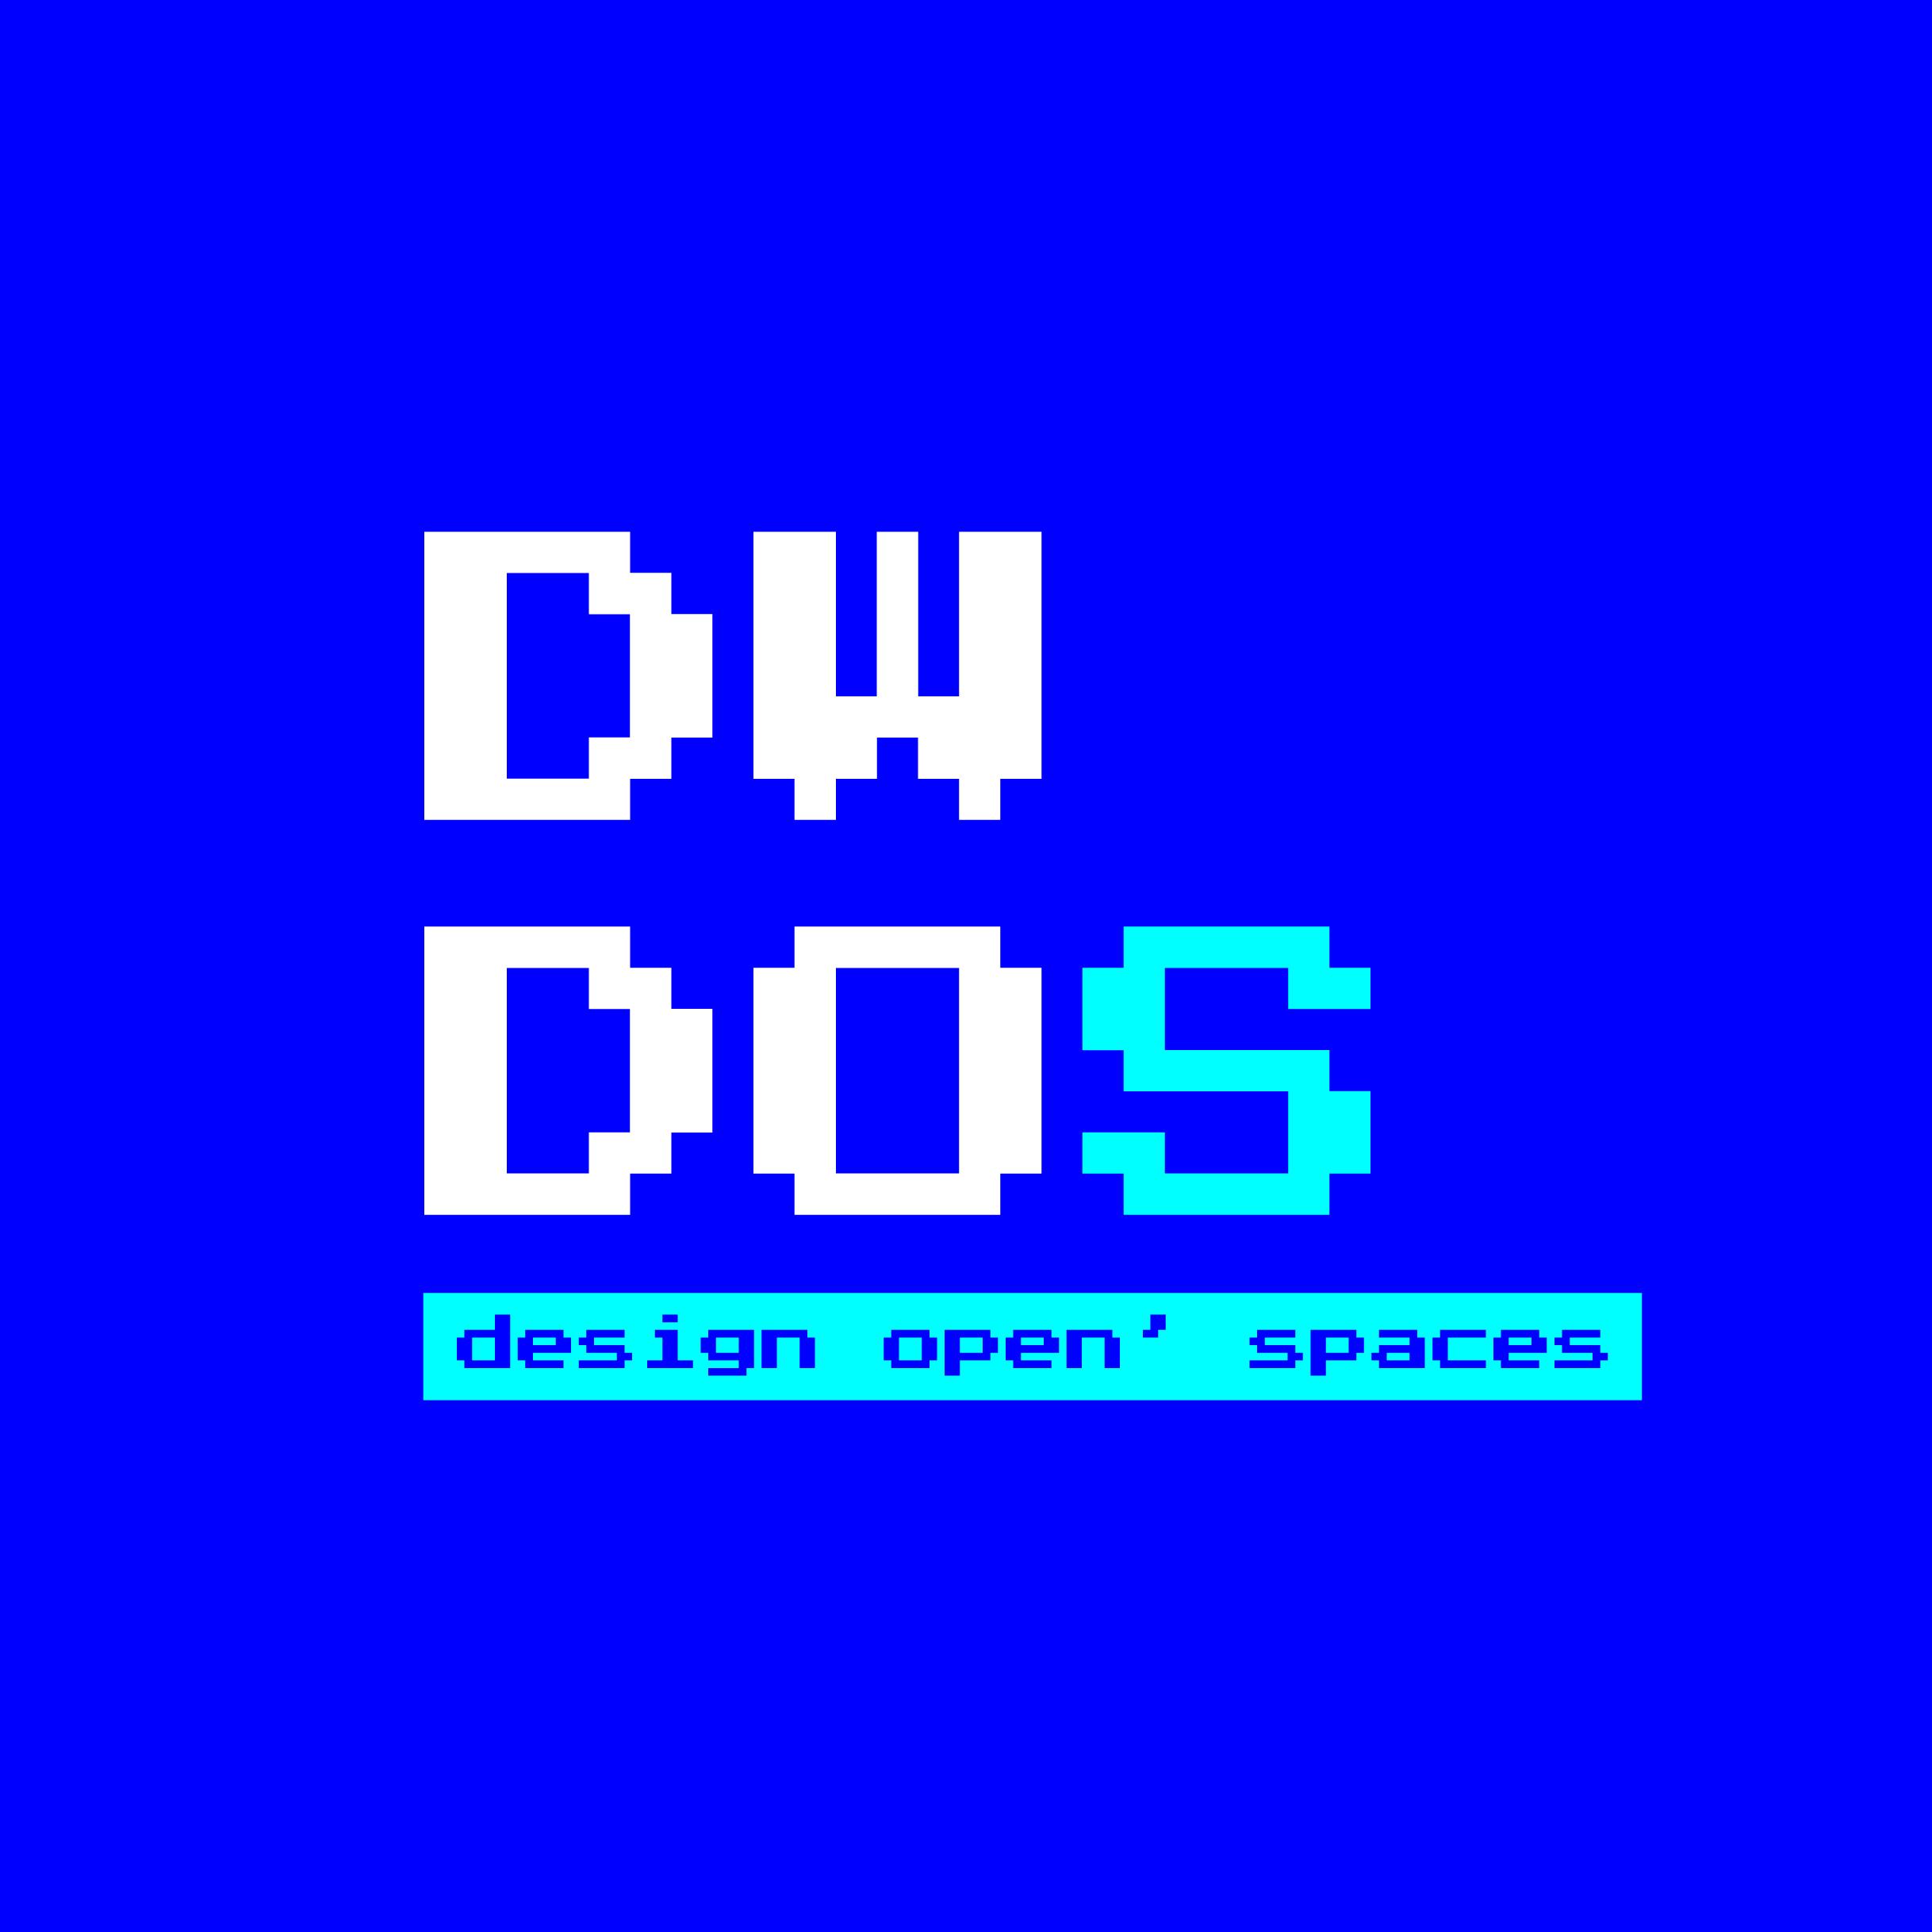 Il progetto DOS a Milano